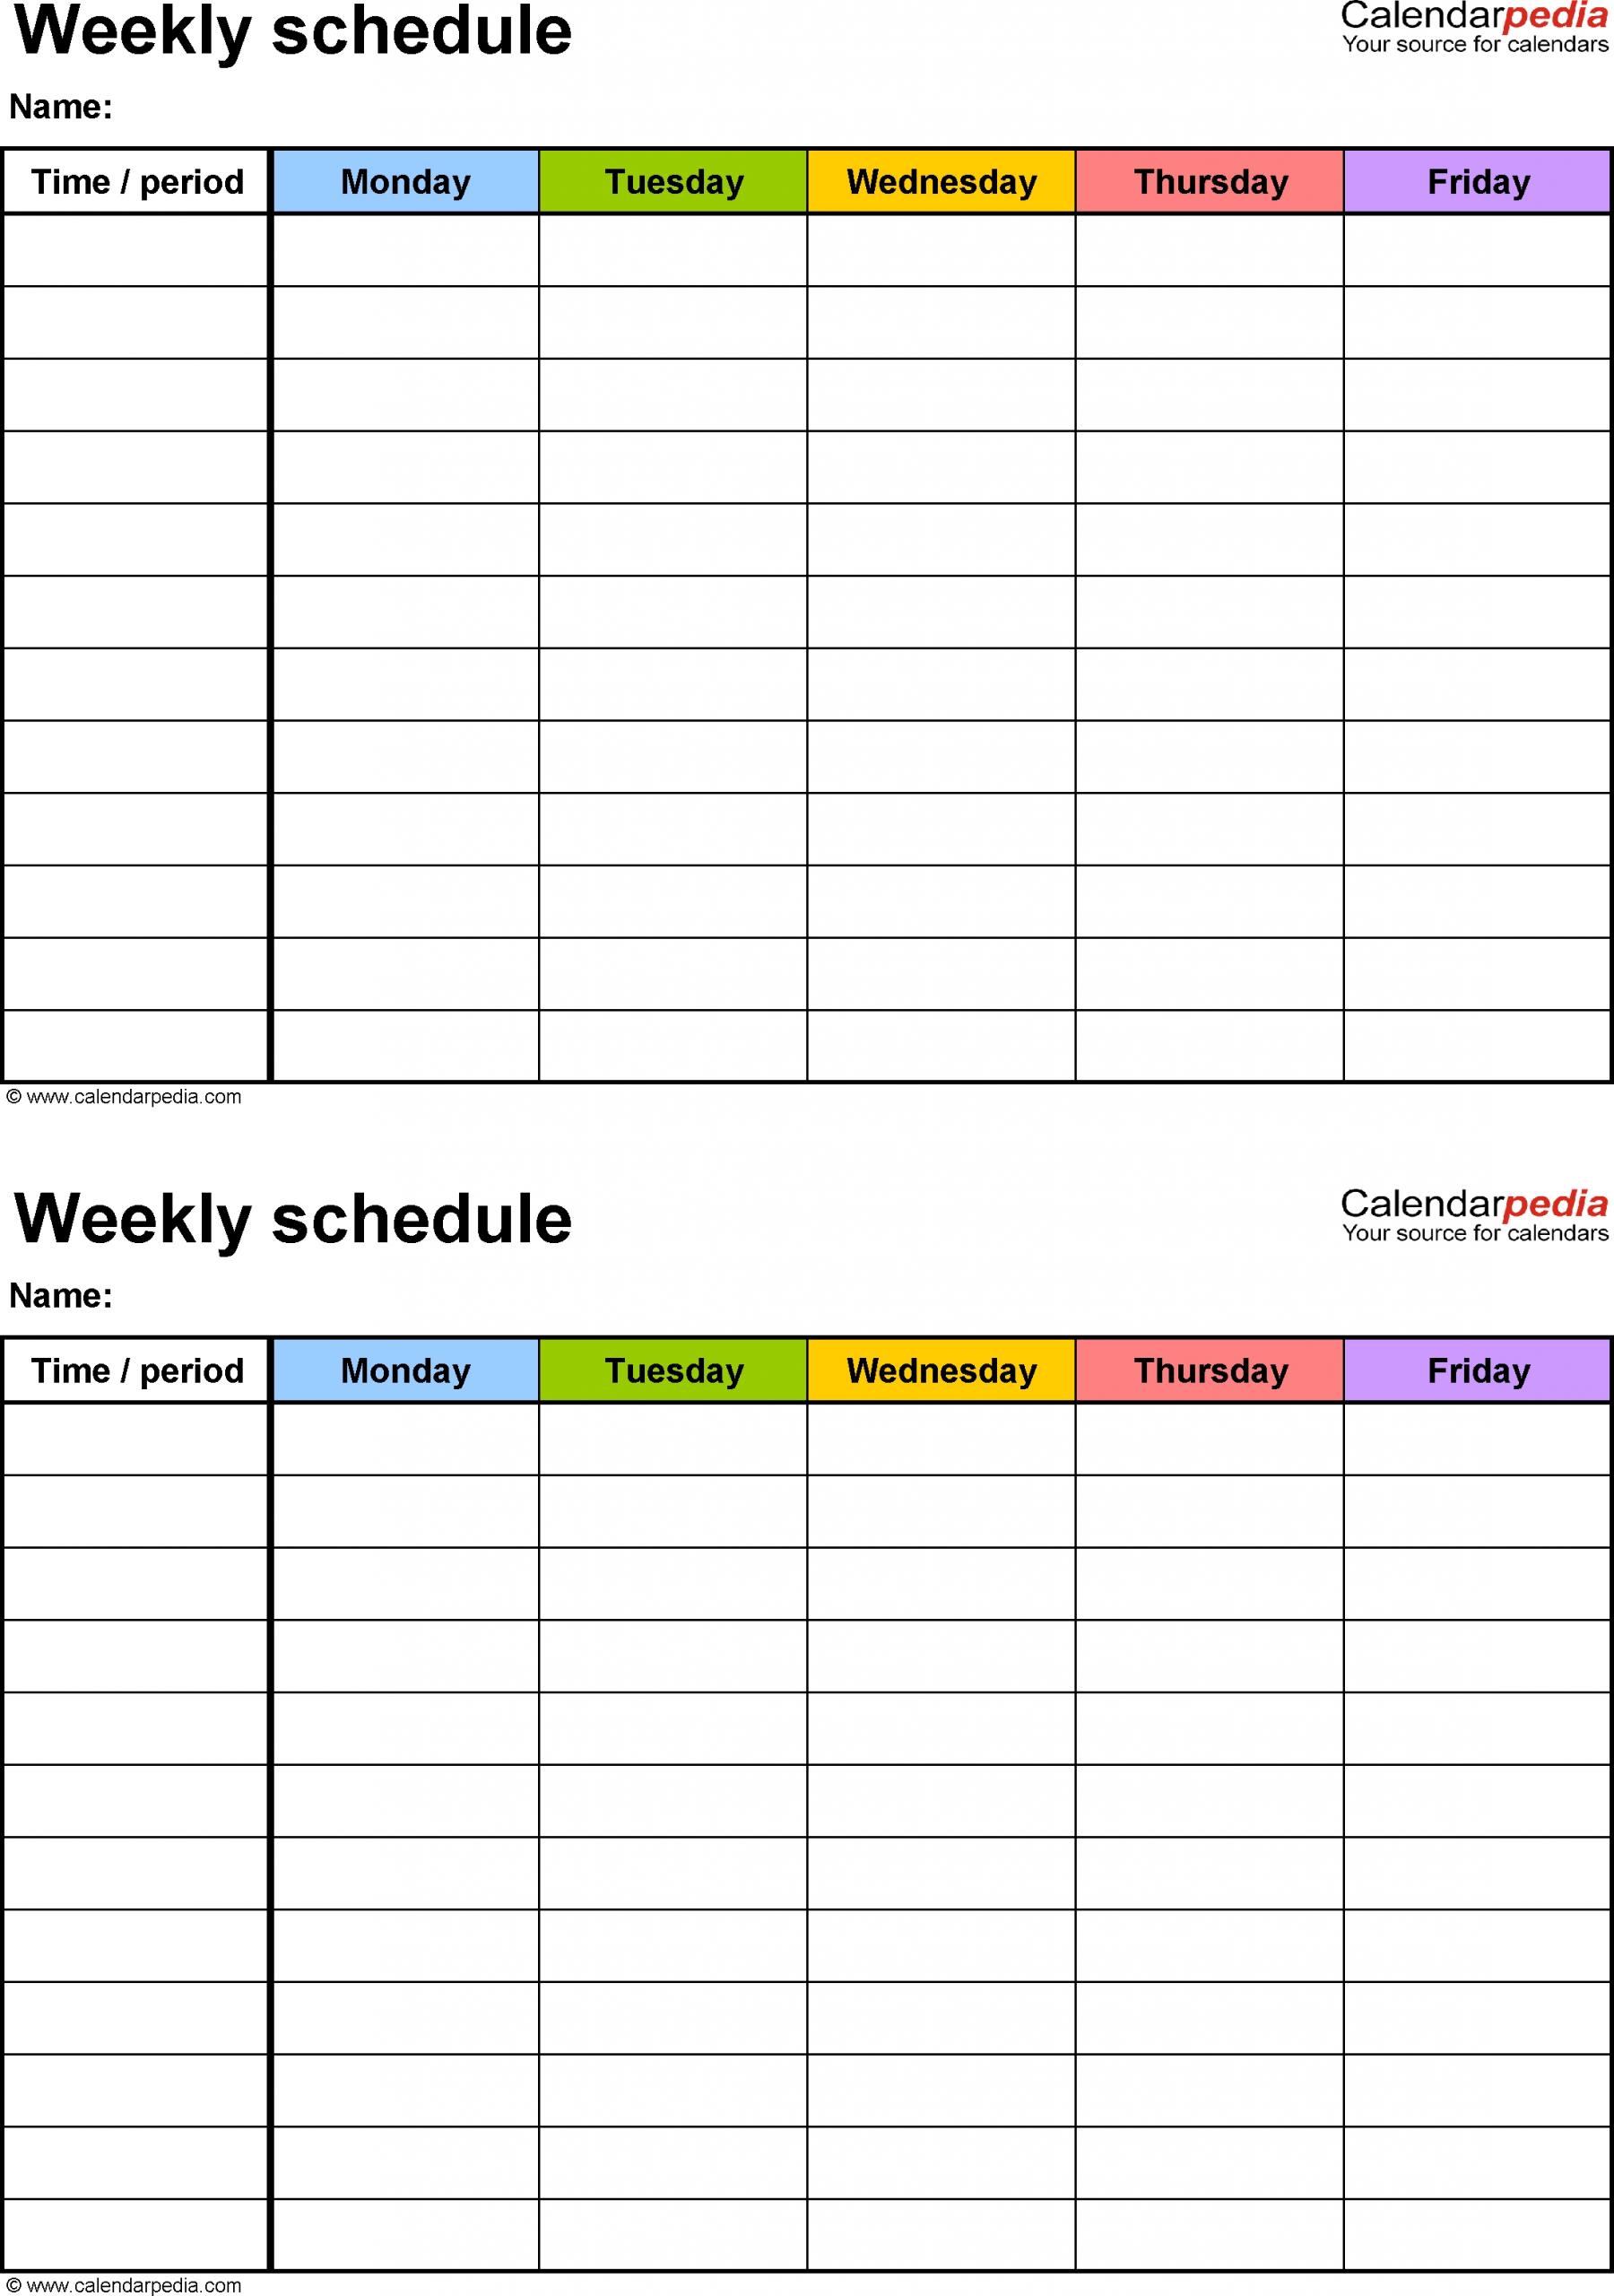 Printable Schedule 1 Week Editable – Calendar Inspiration Printable 1 Week Schedule